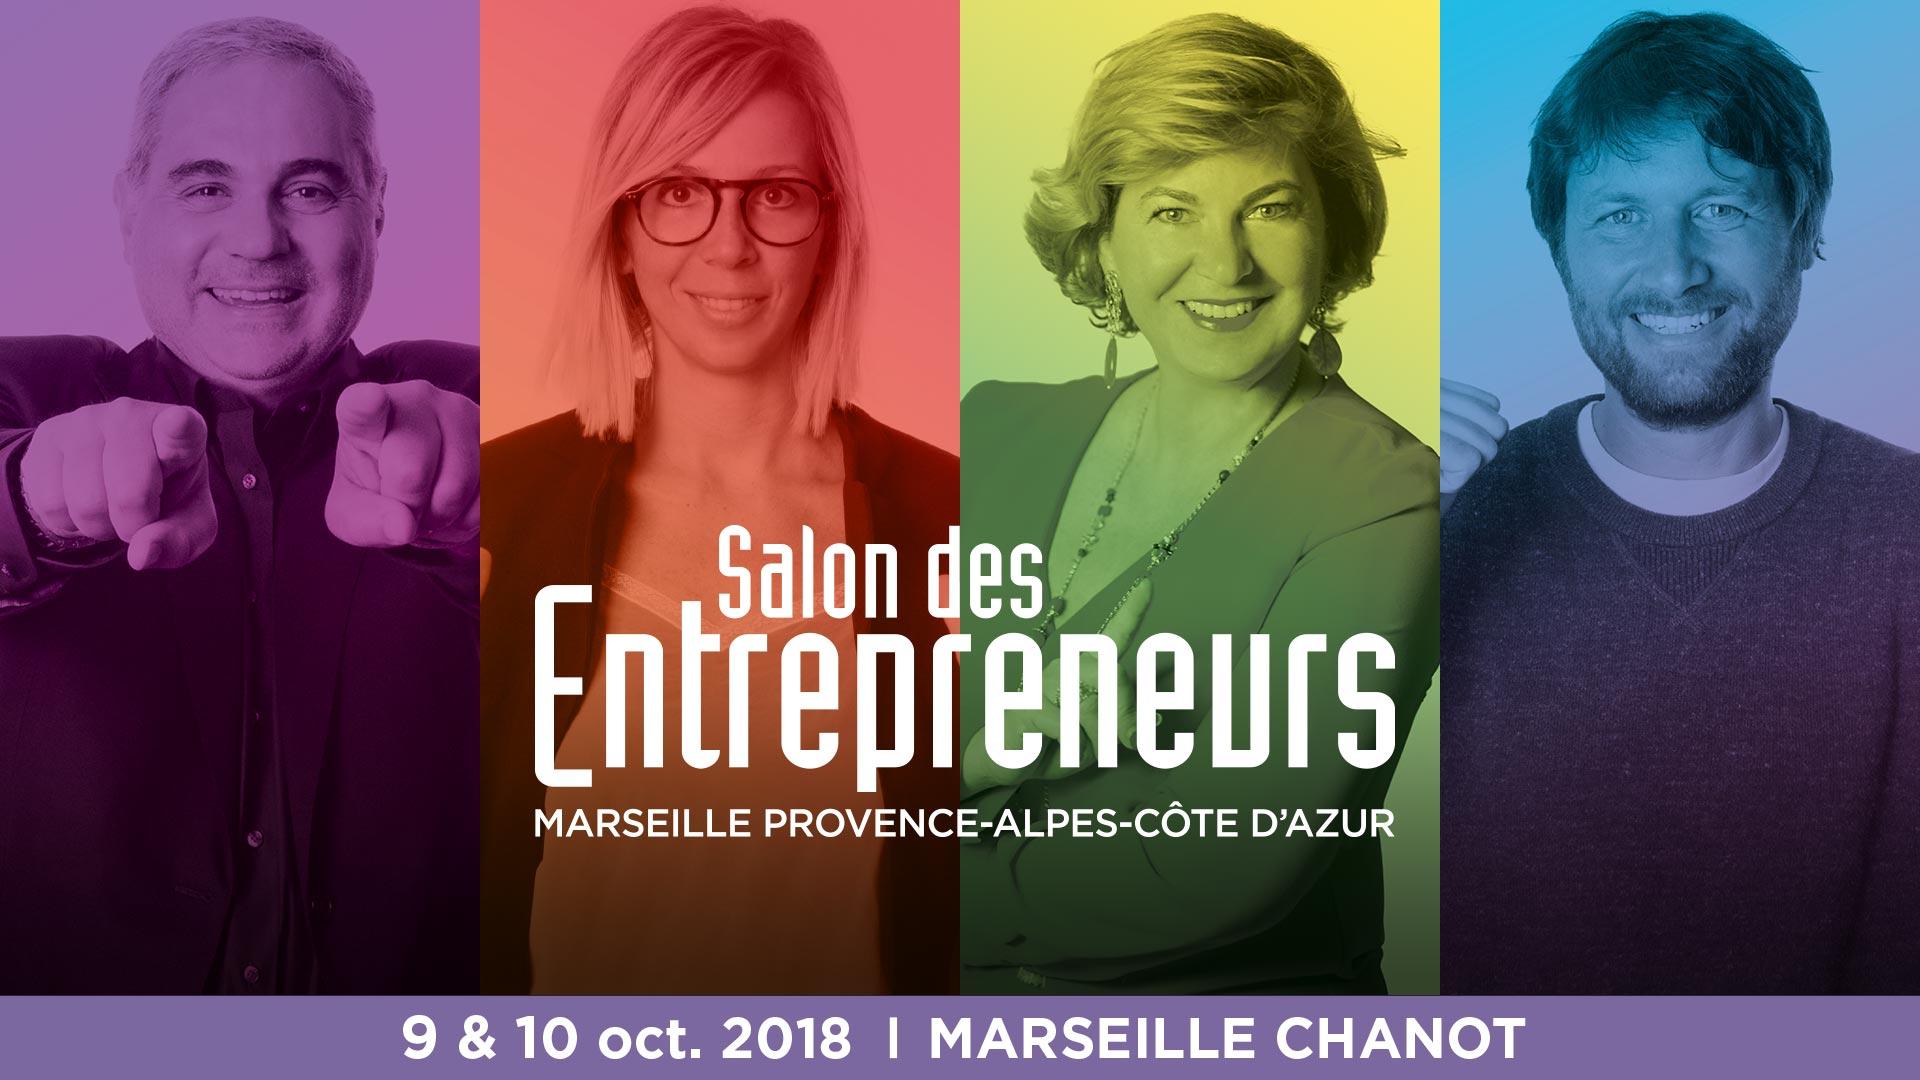 Retrouvez Potentielles au stand n°107 du Salon des entrepreneurs